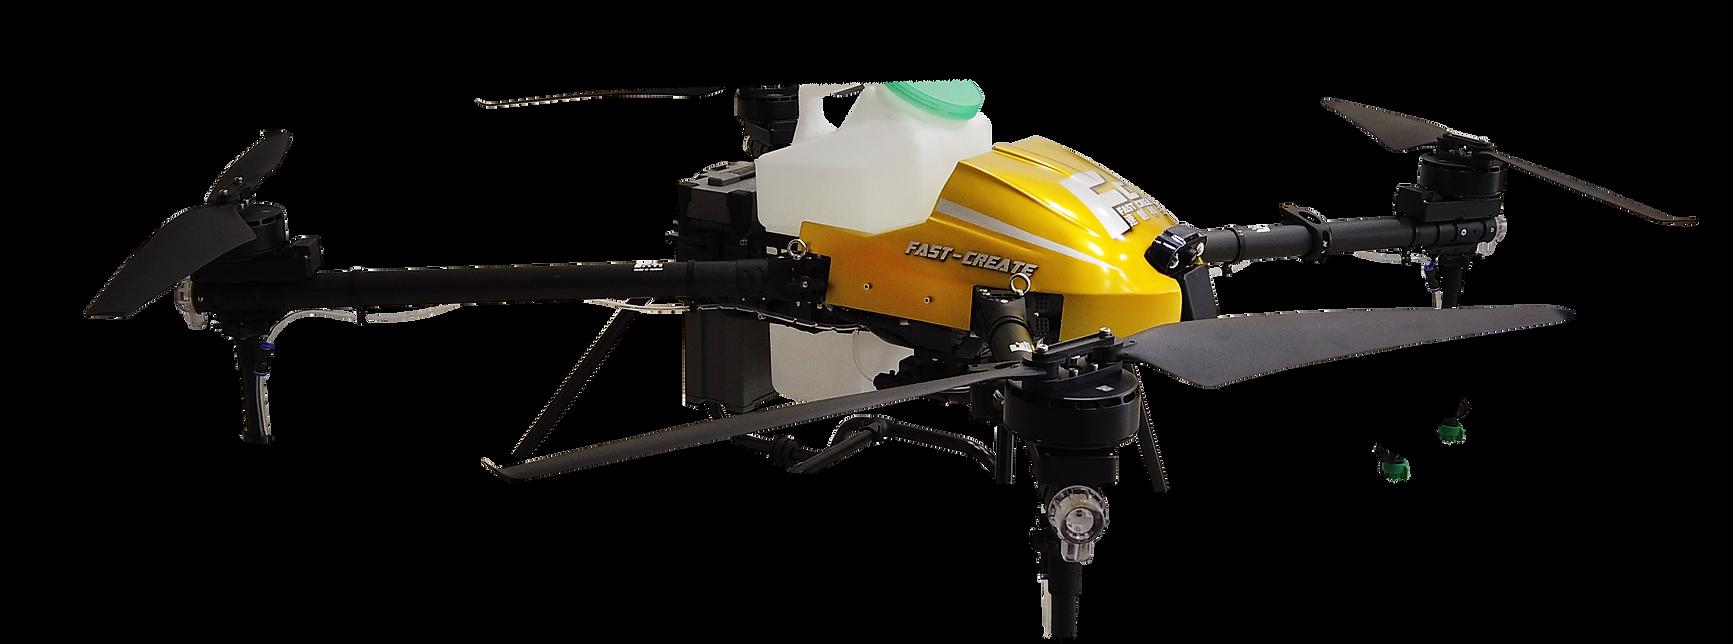 速創科技Super S 5 性能升級,改良槳葉設計,載重強,降低電池電力消耗